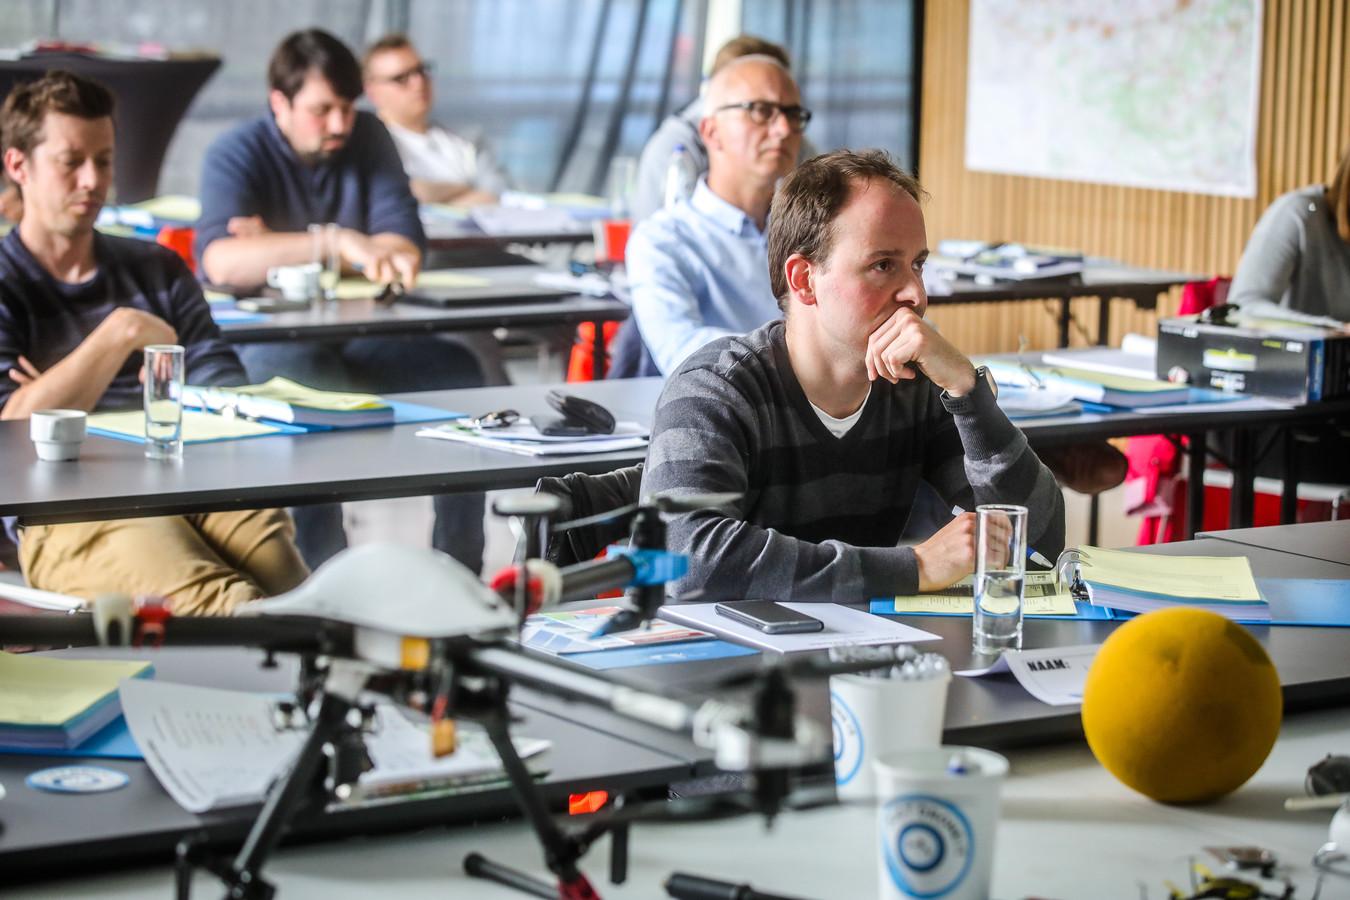 Het zijn  vaak slopende dagen in het opleidingscentrum van Noordzee Drones. Wie een opleiding voor dronepiloot Klasse I volgt, moet drie dagen theorieles volgen.